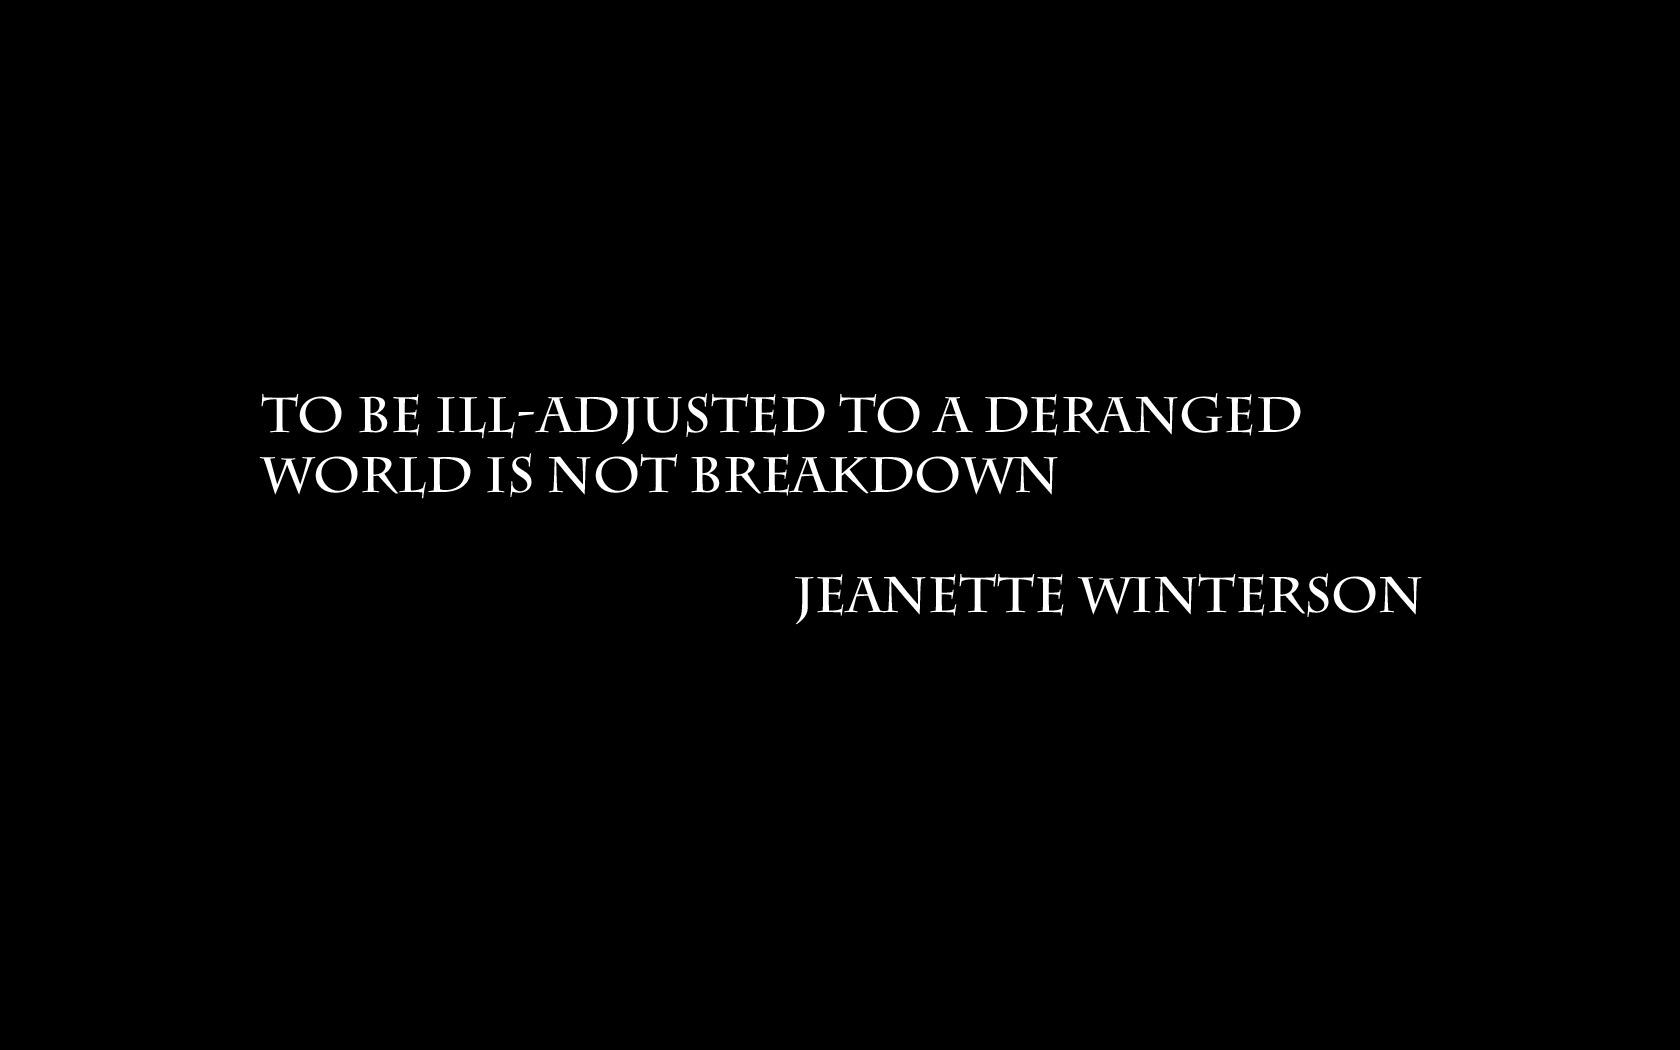 Jeanette Winterson's quote #1